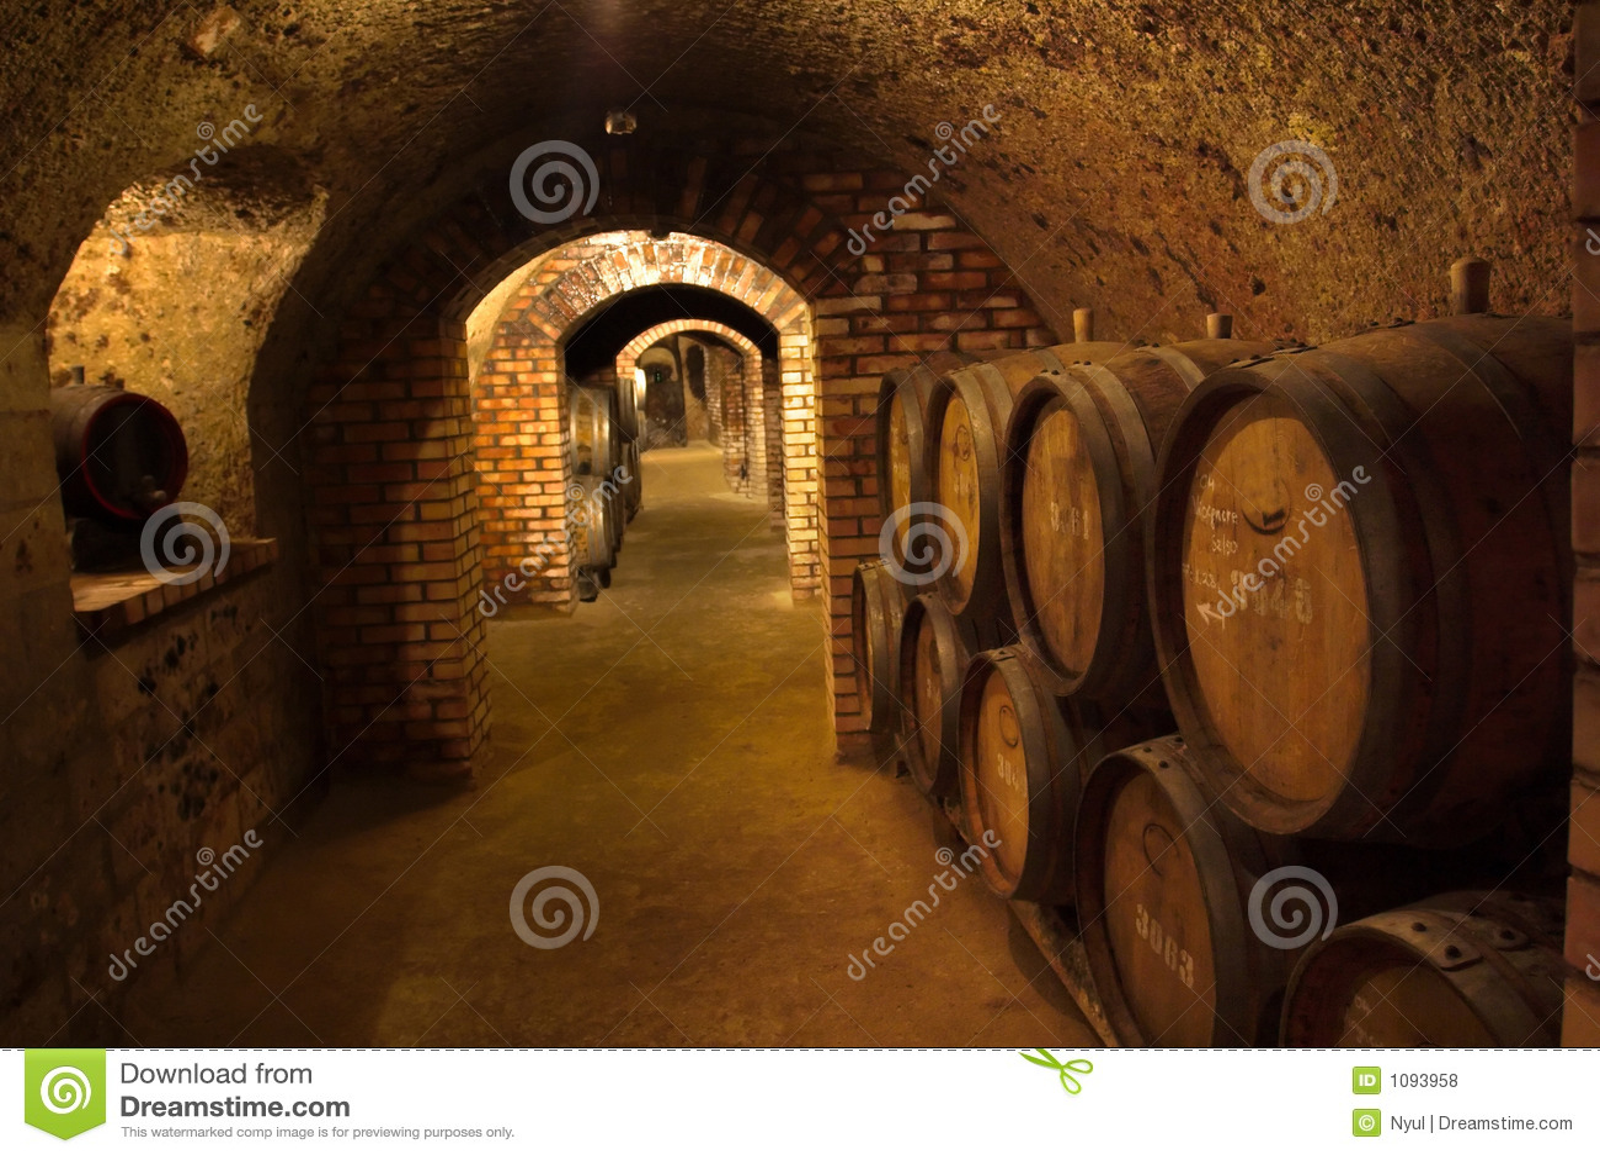 Vin-cave